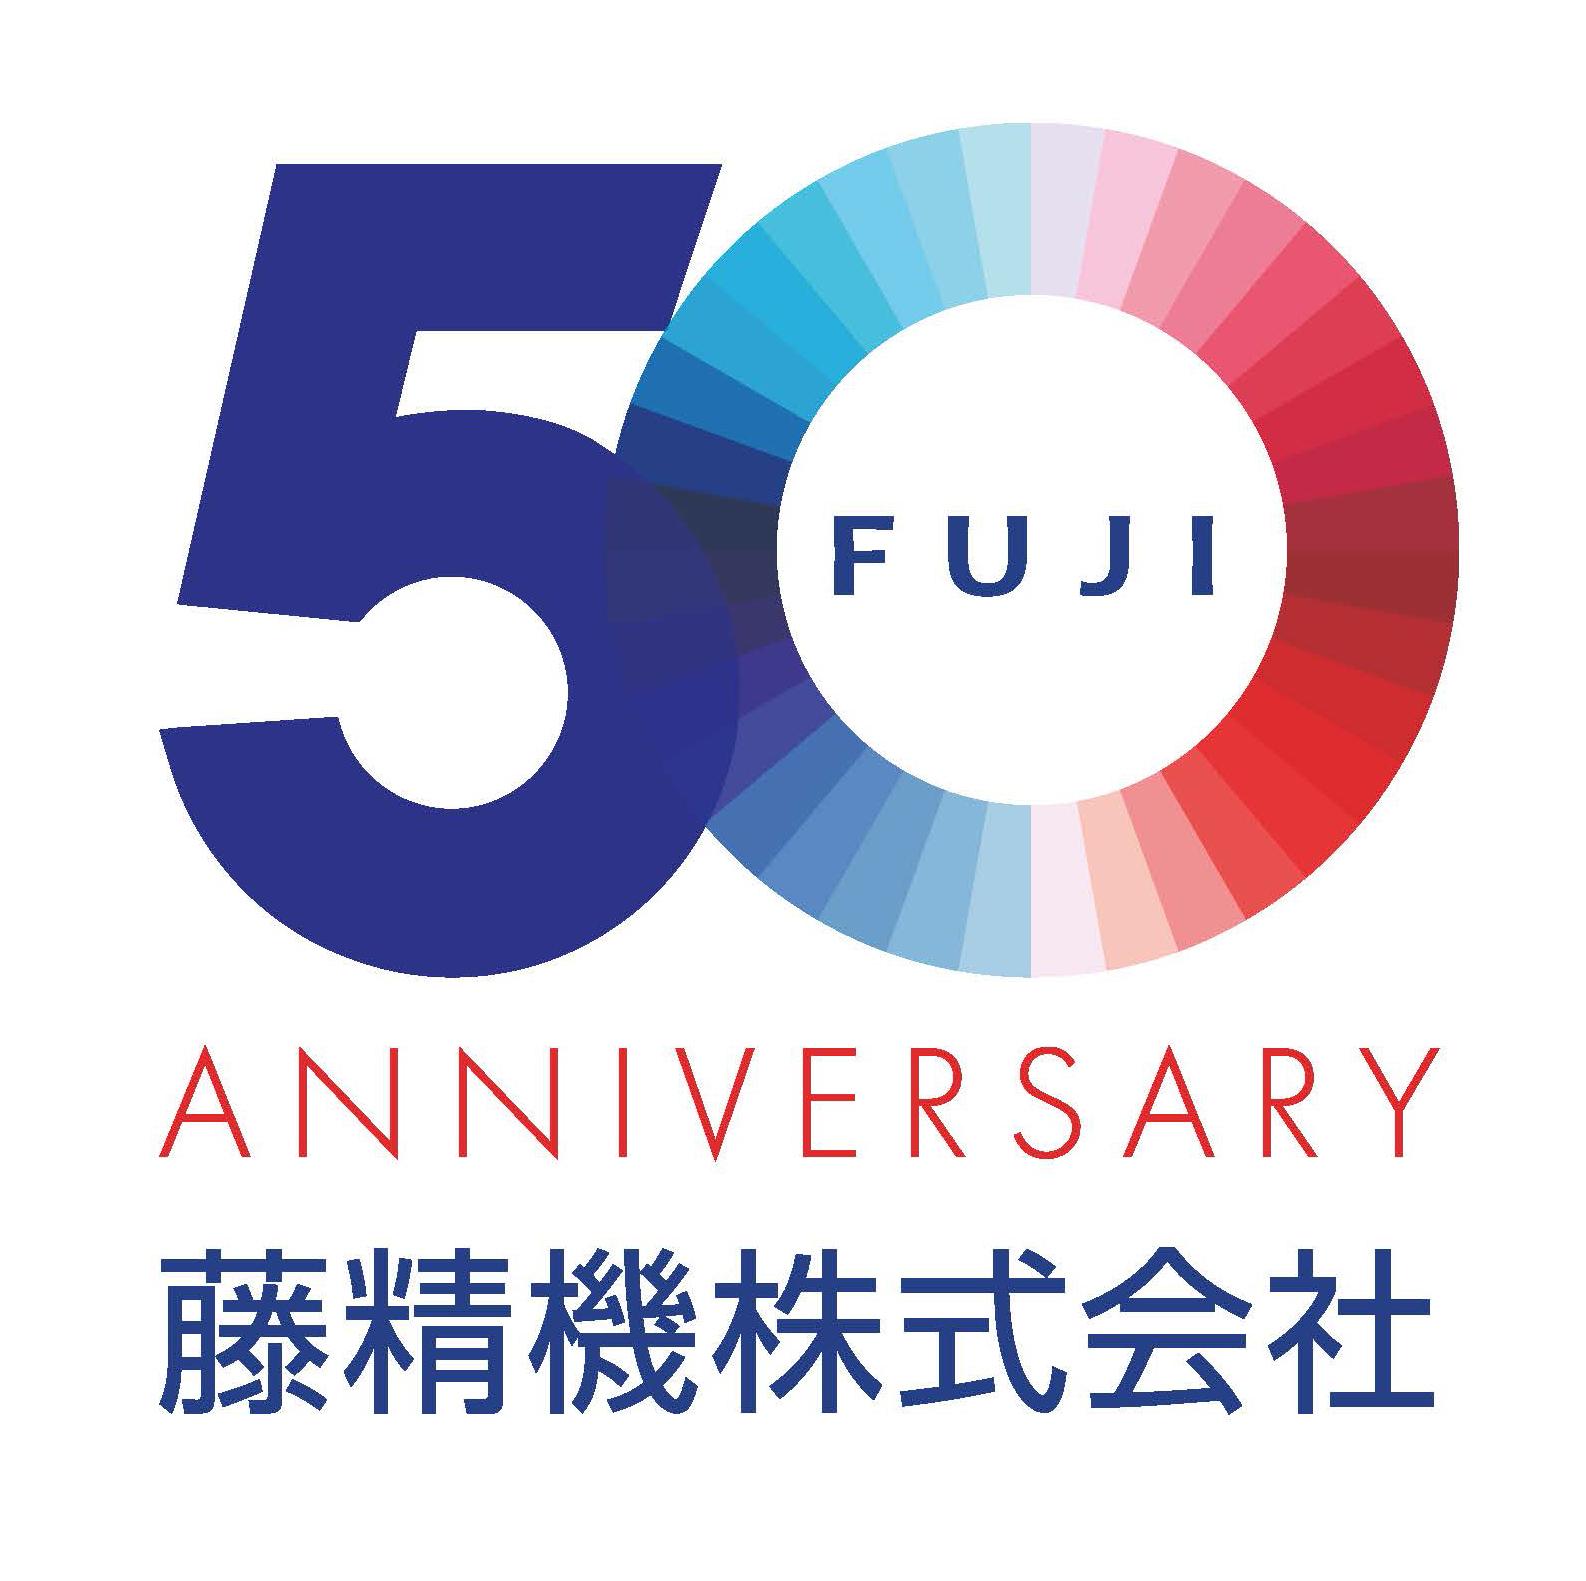 2018藤精機様50周年LOGO